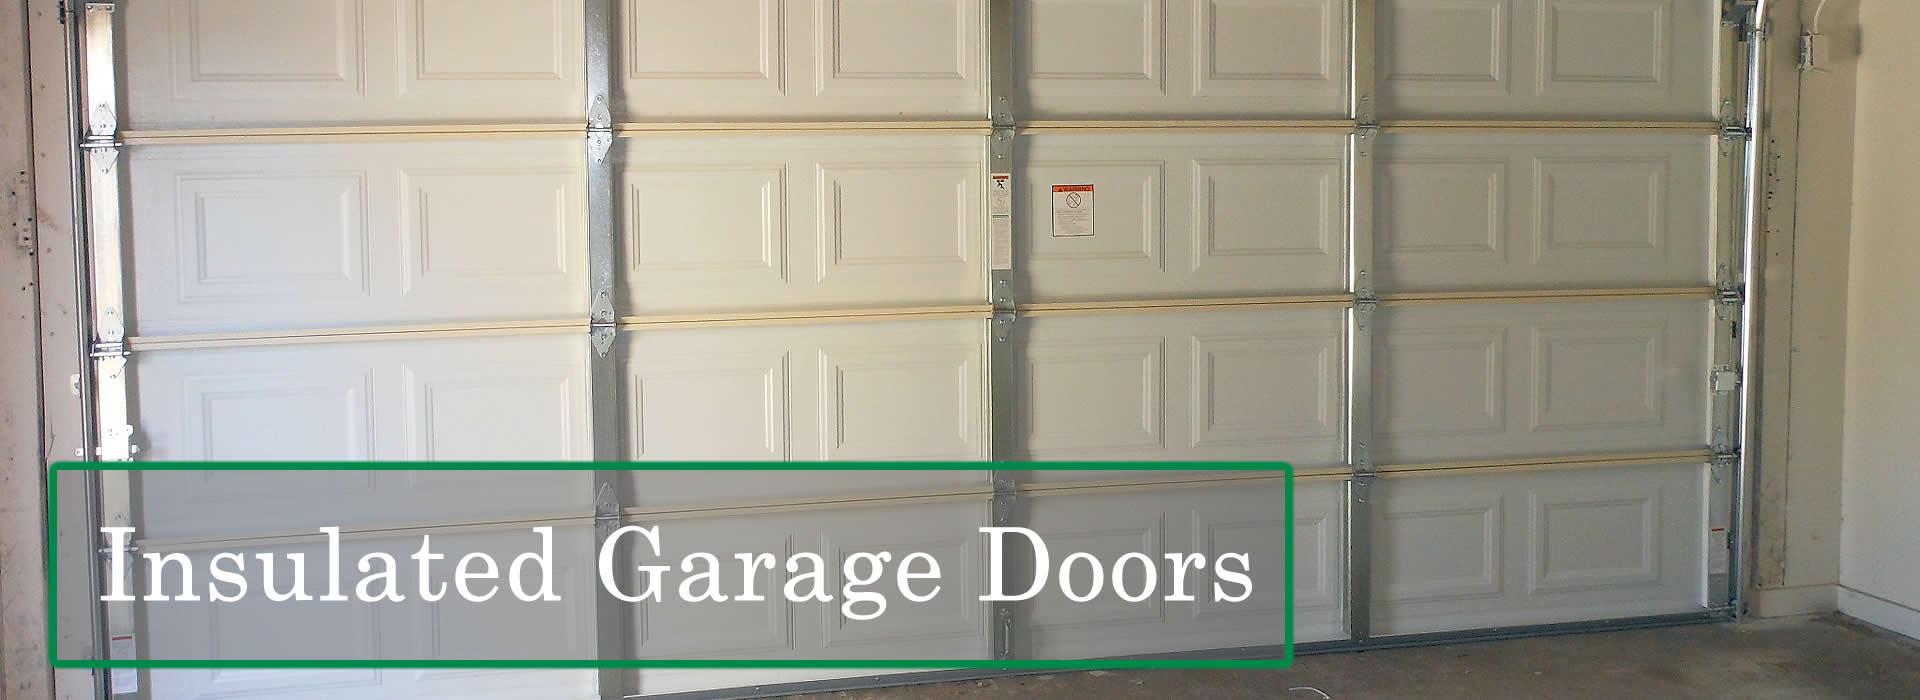 Insulated Garage Doors Insulated Door Parts Insulated Garage Door Repairs And Installation Dallas Fort Worth Tx